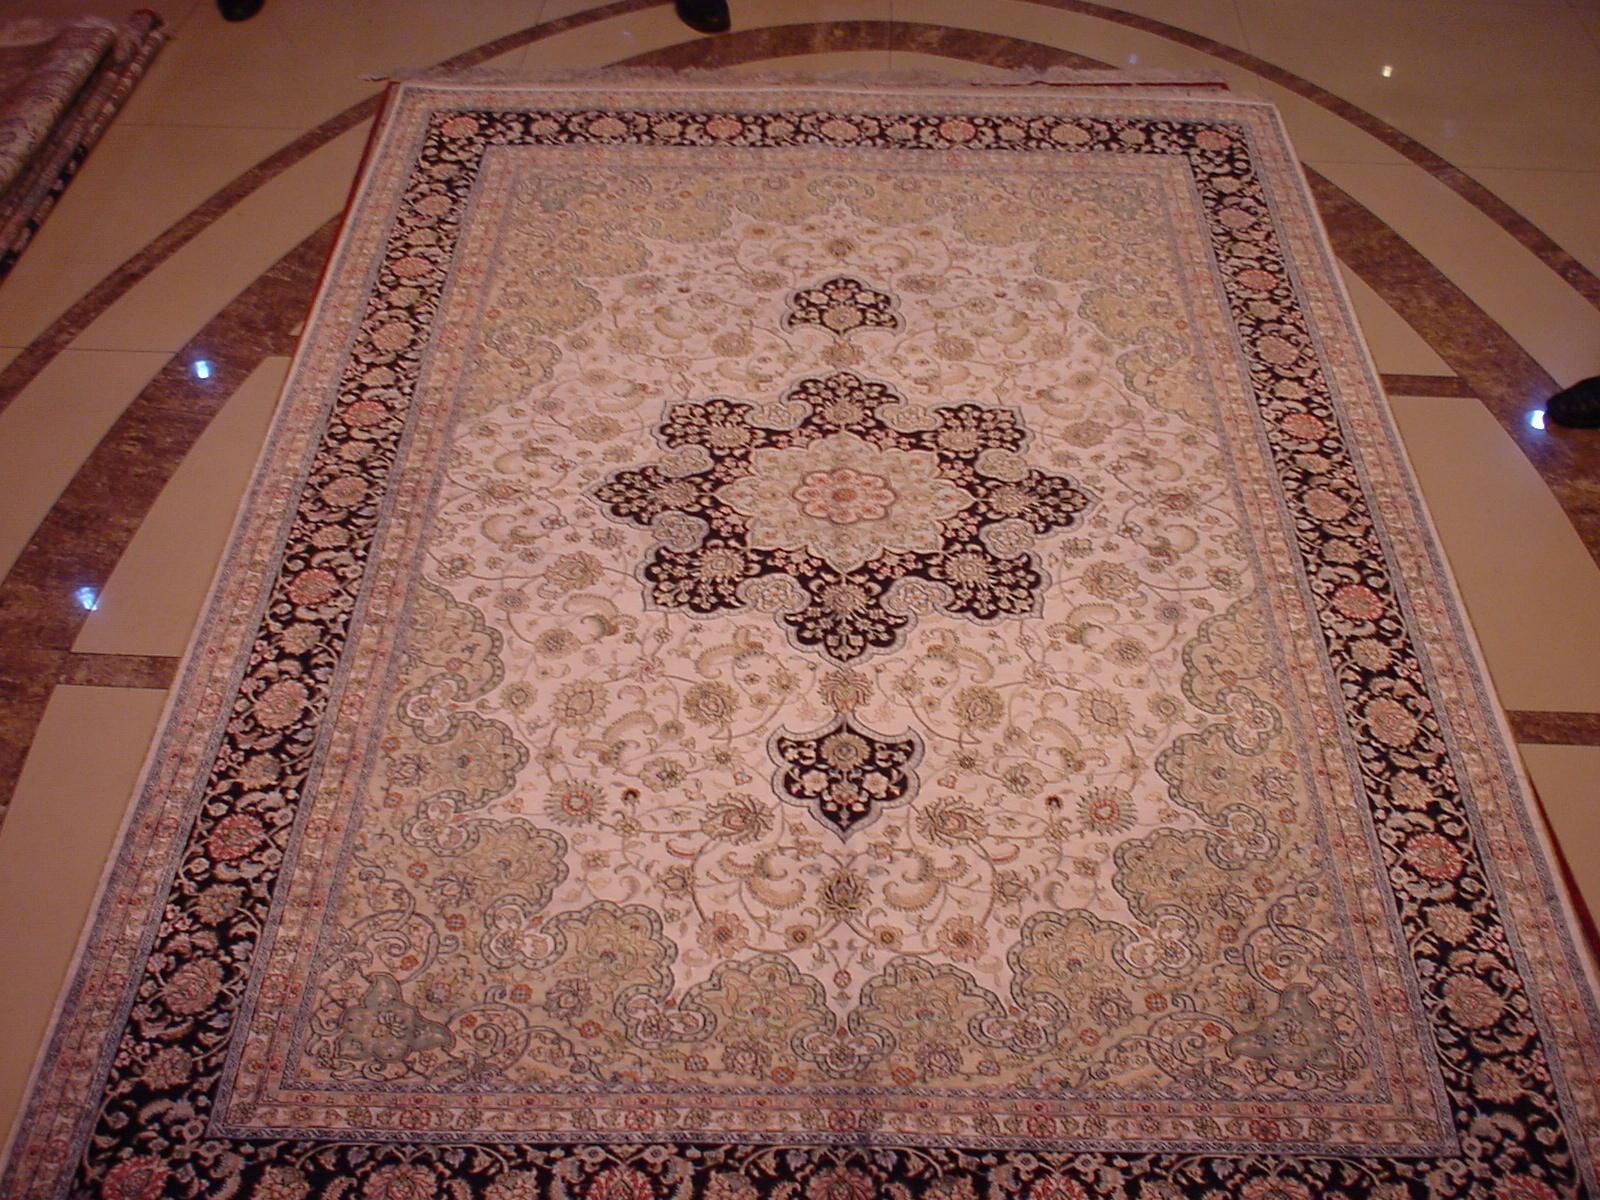 用波斯富貴地毯一定能發財! 3